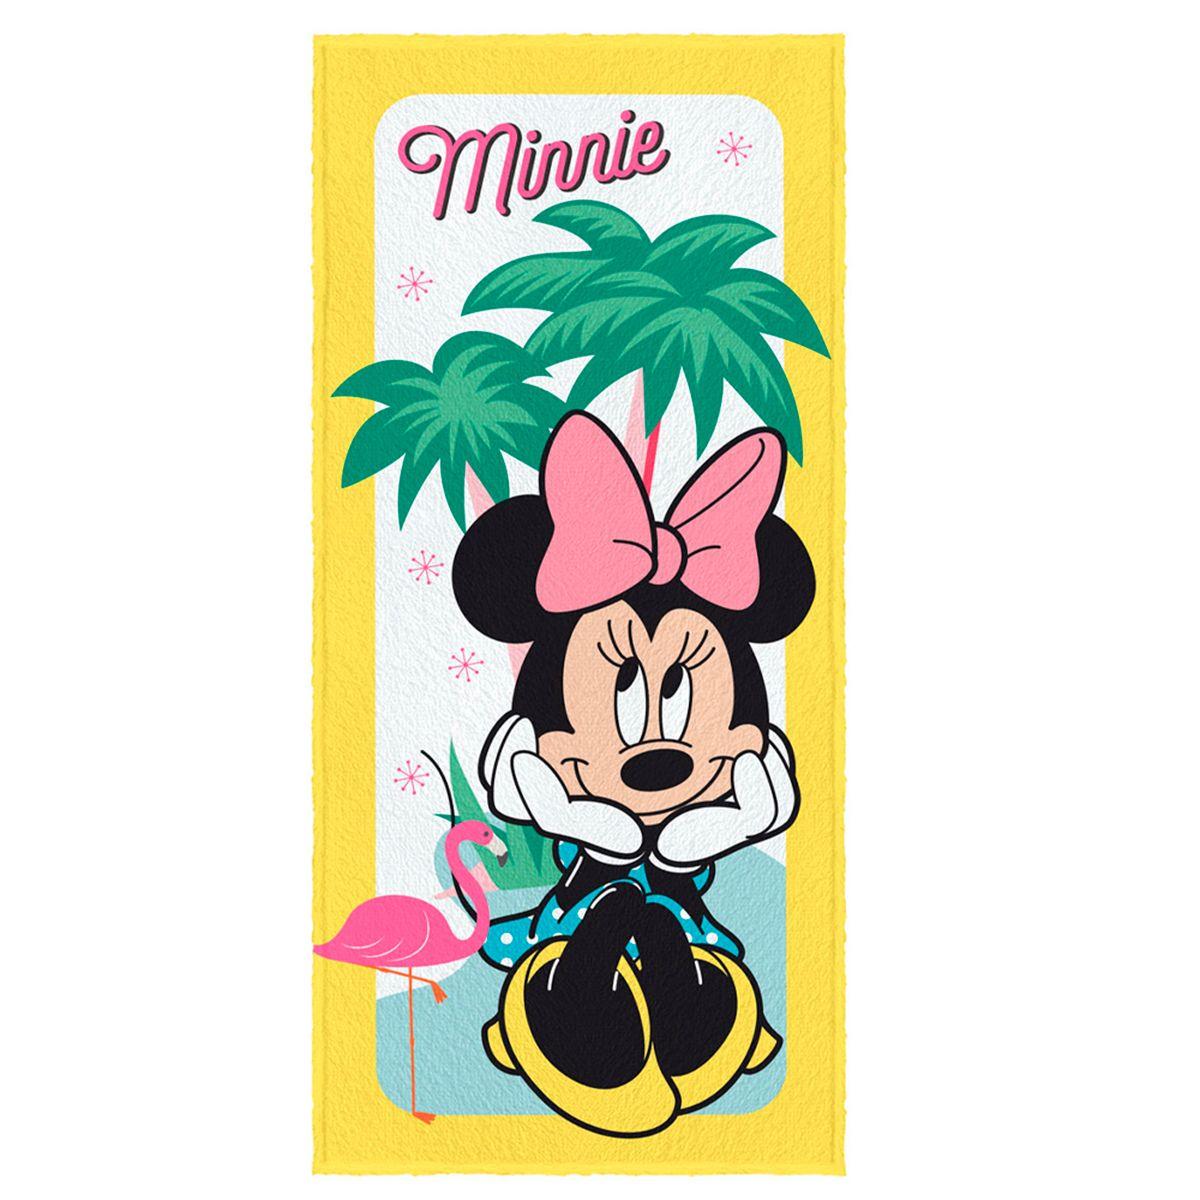 Toalha de Banho Felpuda infantil Minnie Mod 2